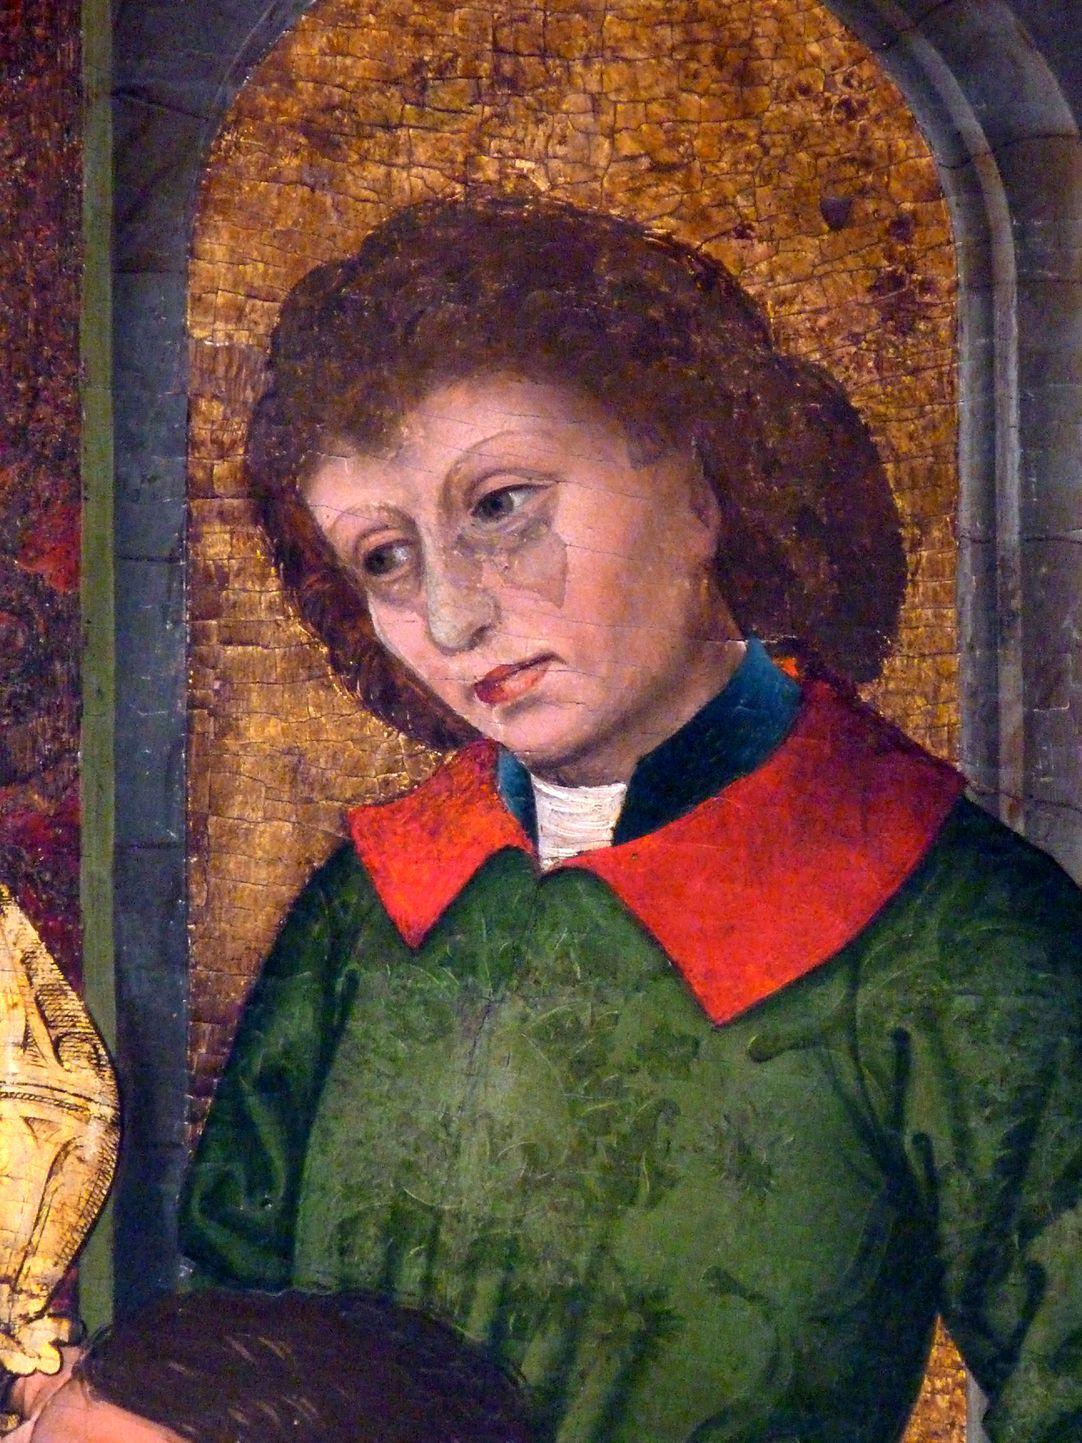 Epitaph der Benigna Holzschuher Darstellung des jungen Königs